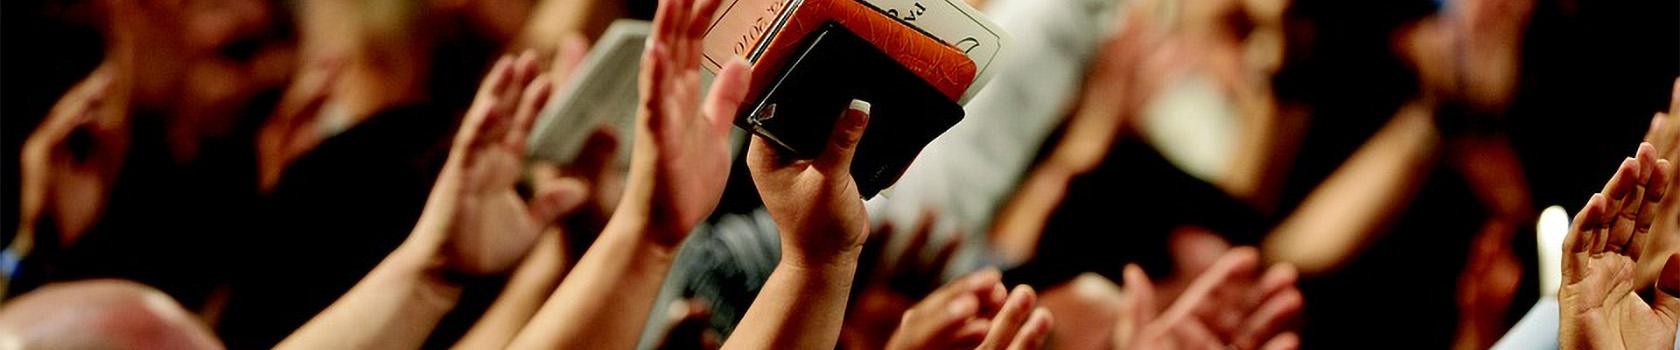 diverseworship